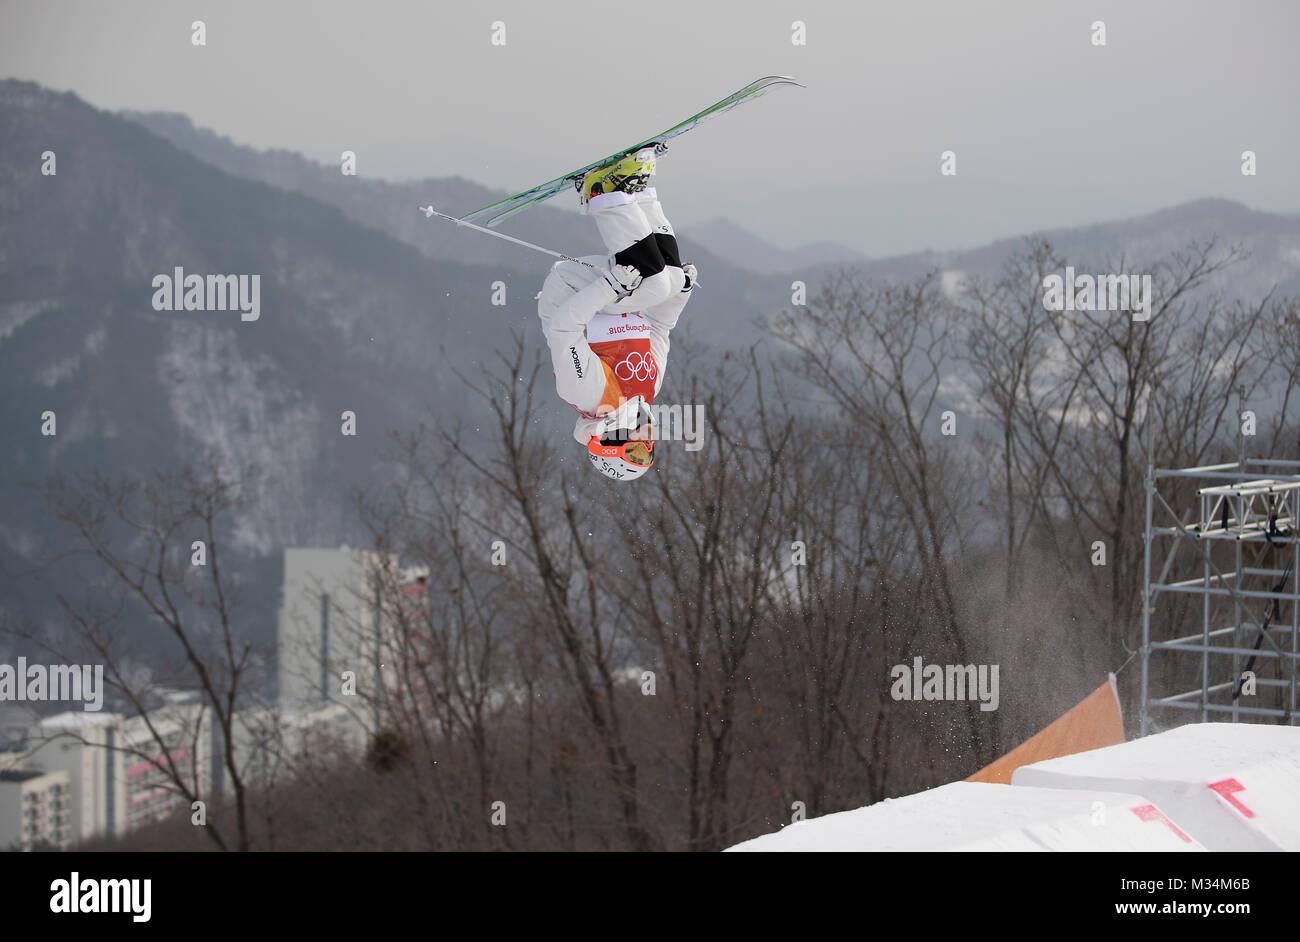 Pyeongchang, South Korea  9th Feb, 2018  Aktion, allgemein